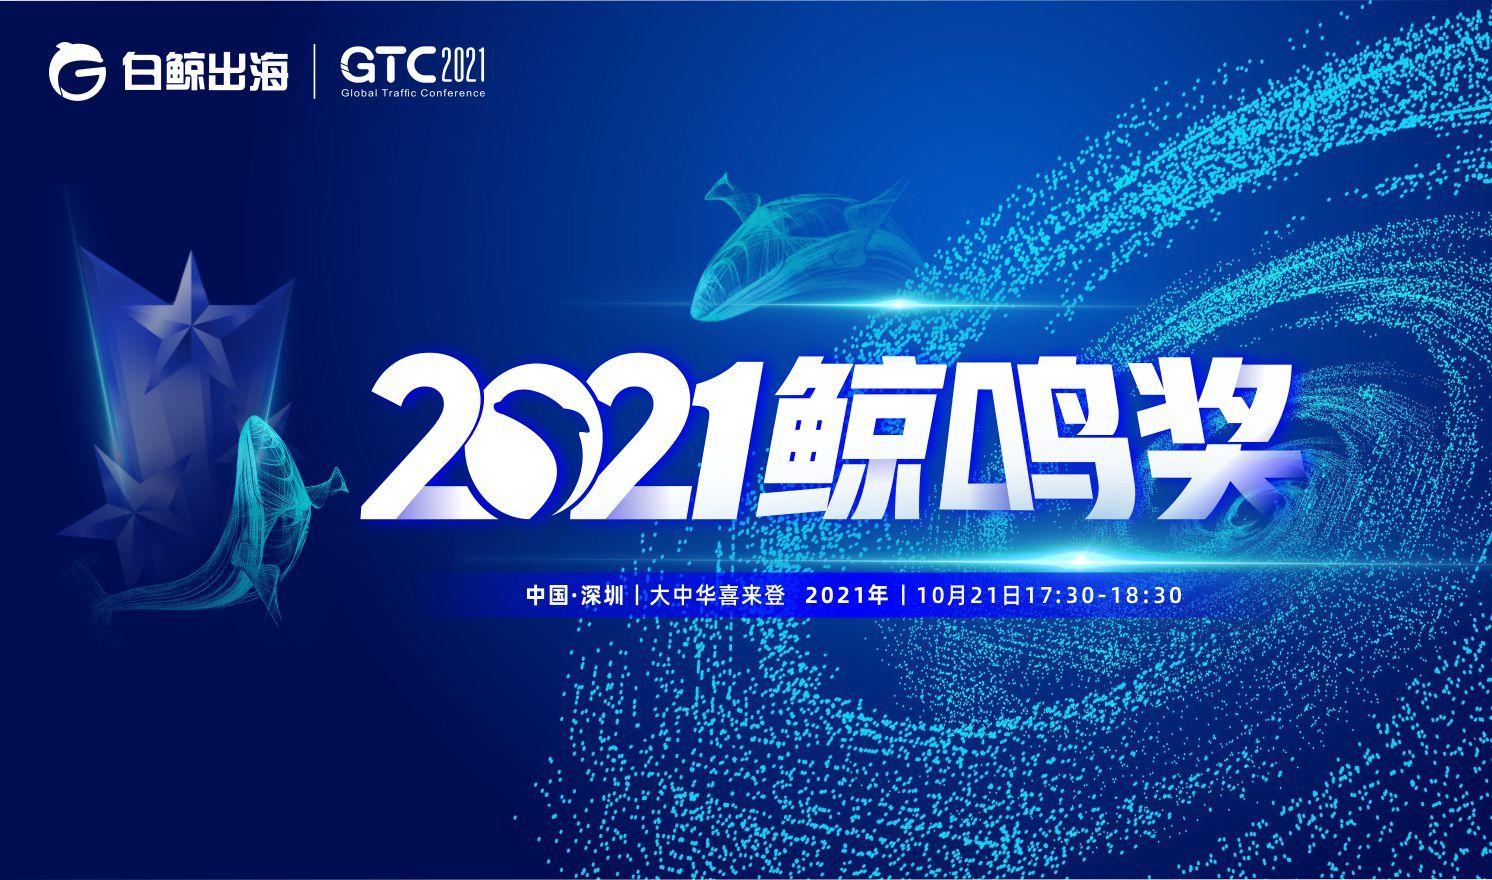 GTC2021全球流量大会-鲸鸣奖(2021-10-21)